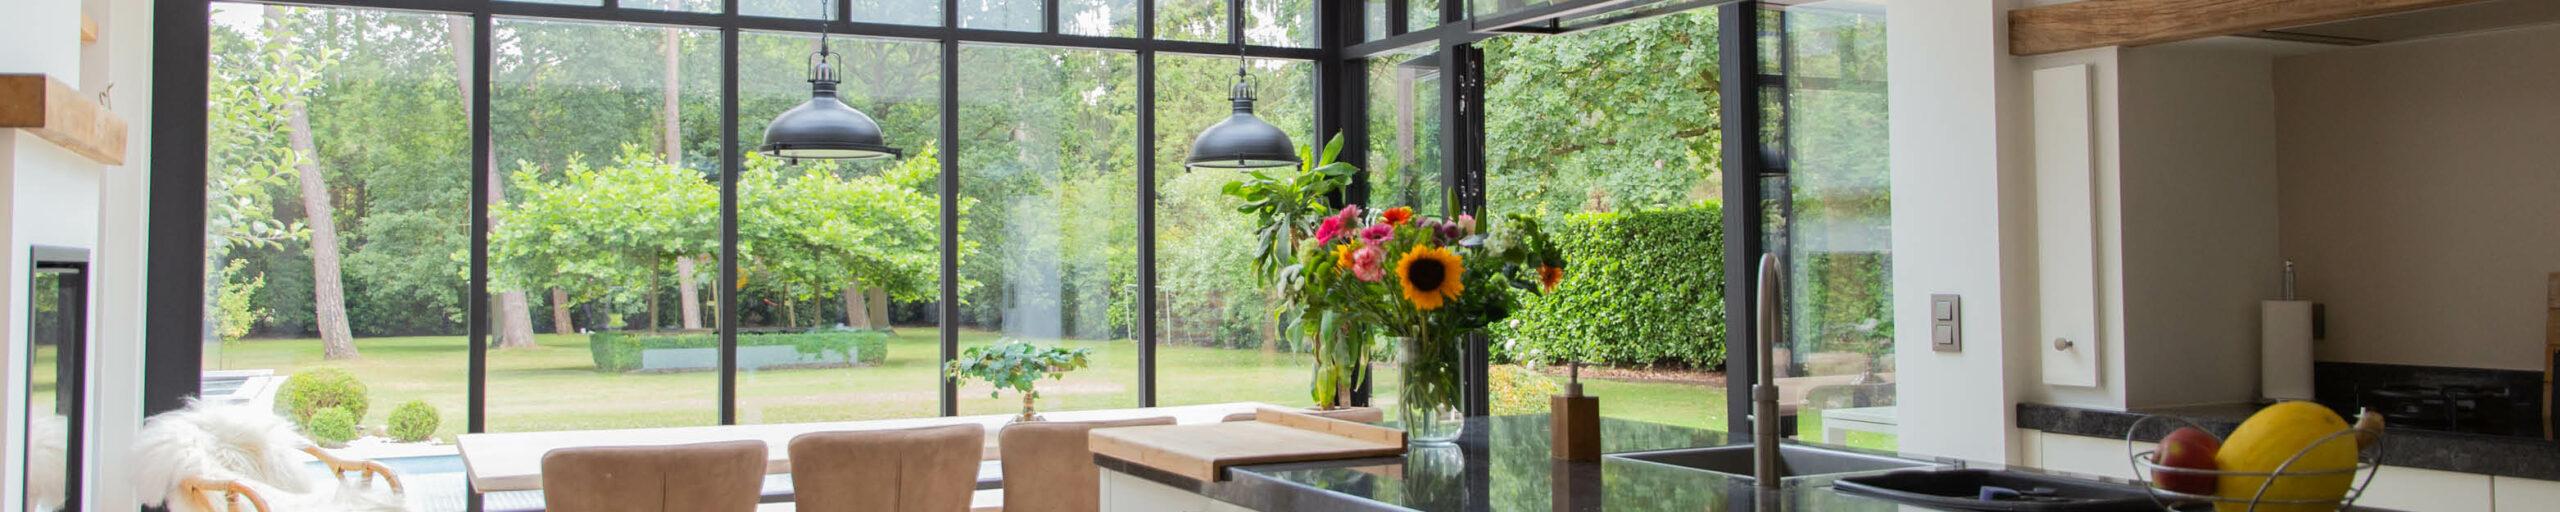 Leefkeuken met tafel en plant